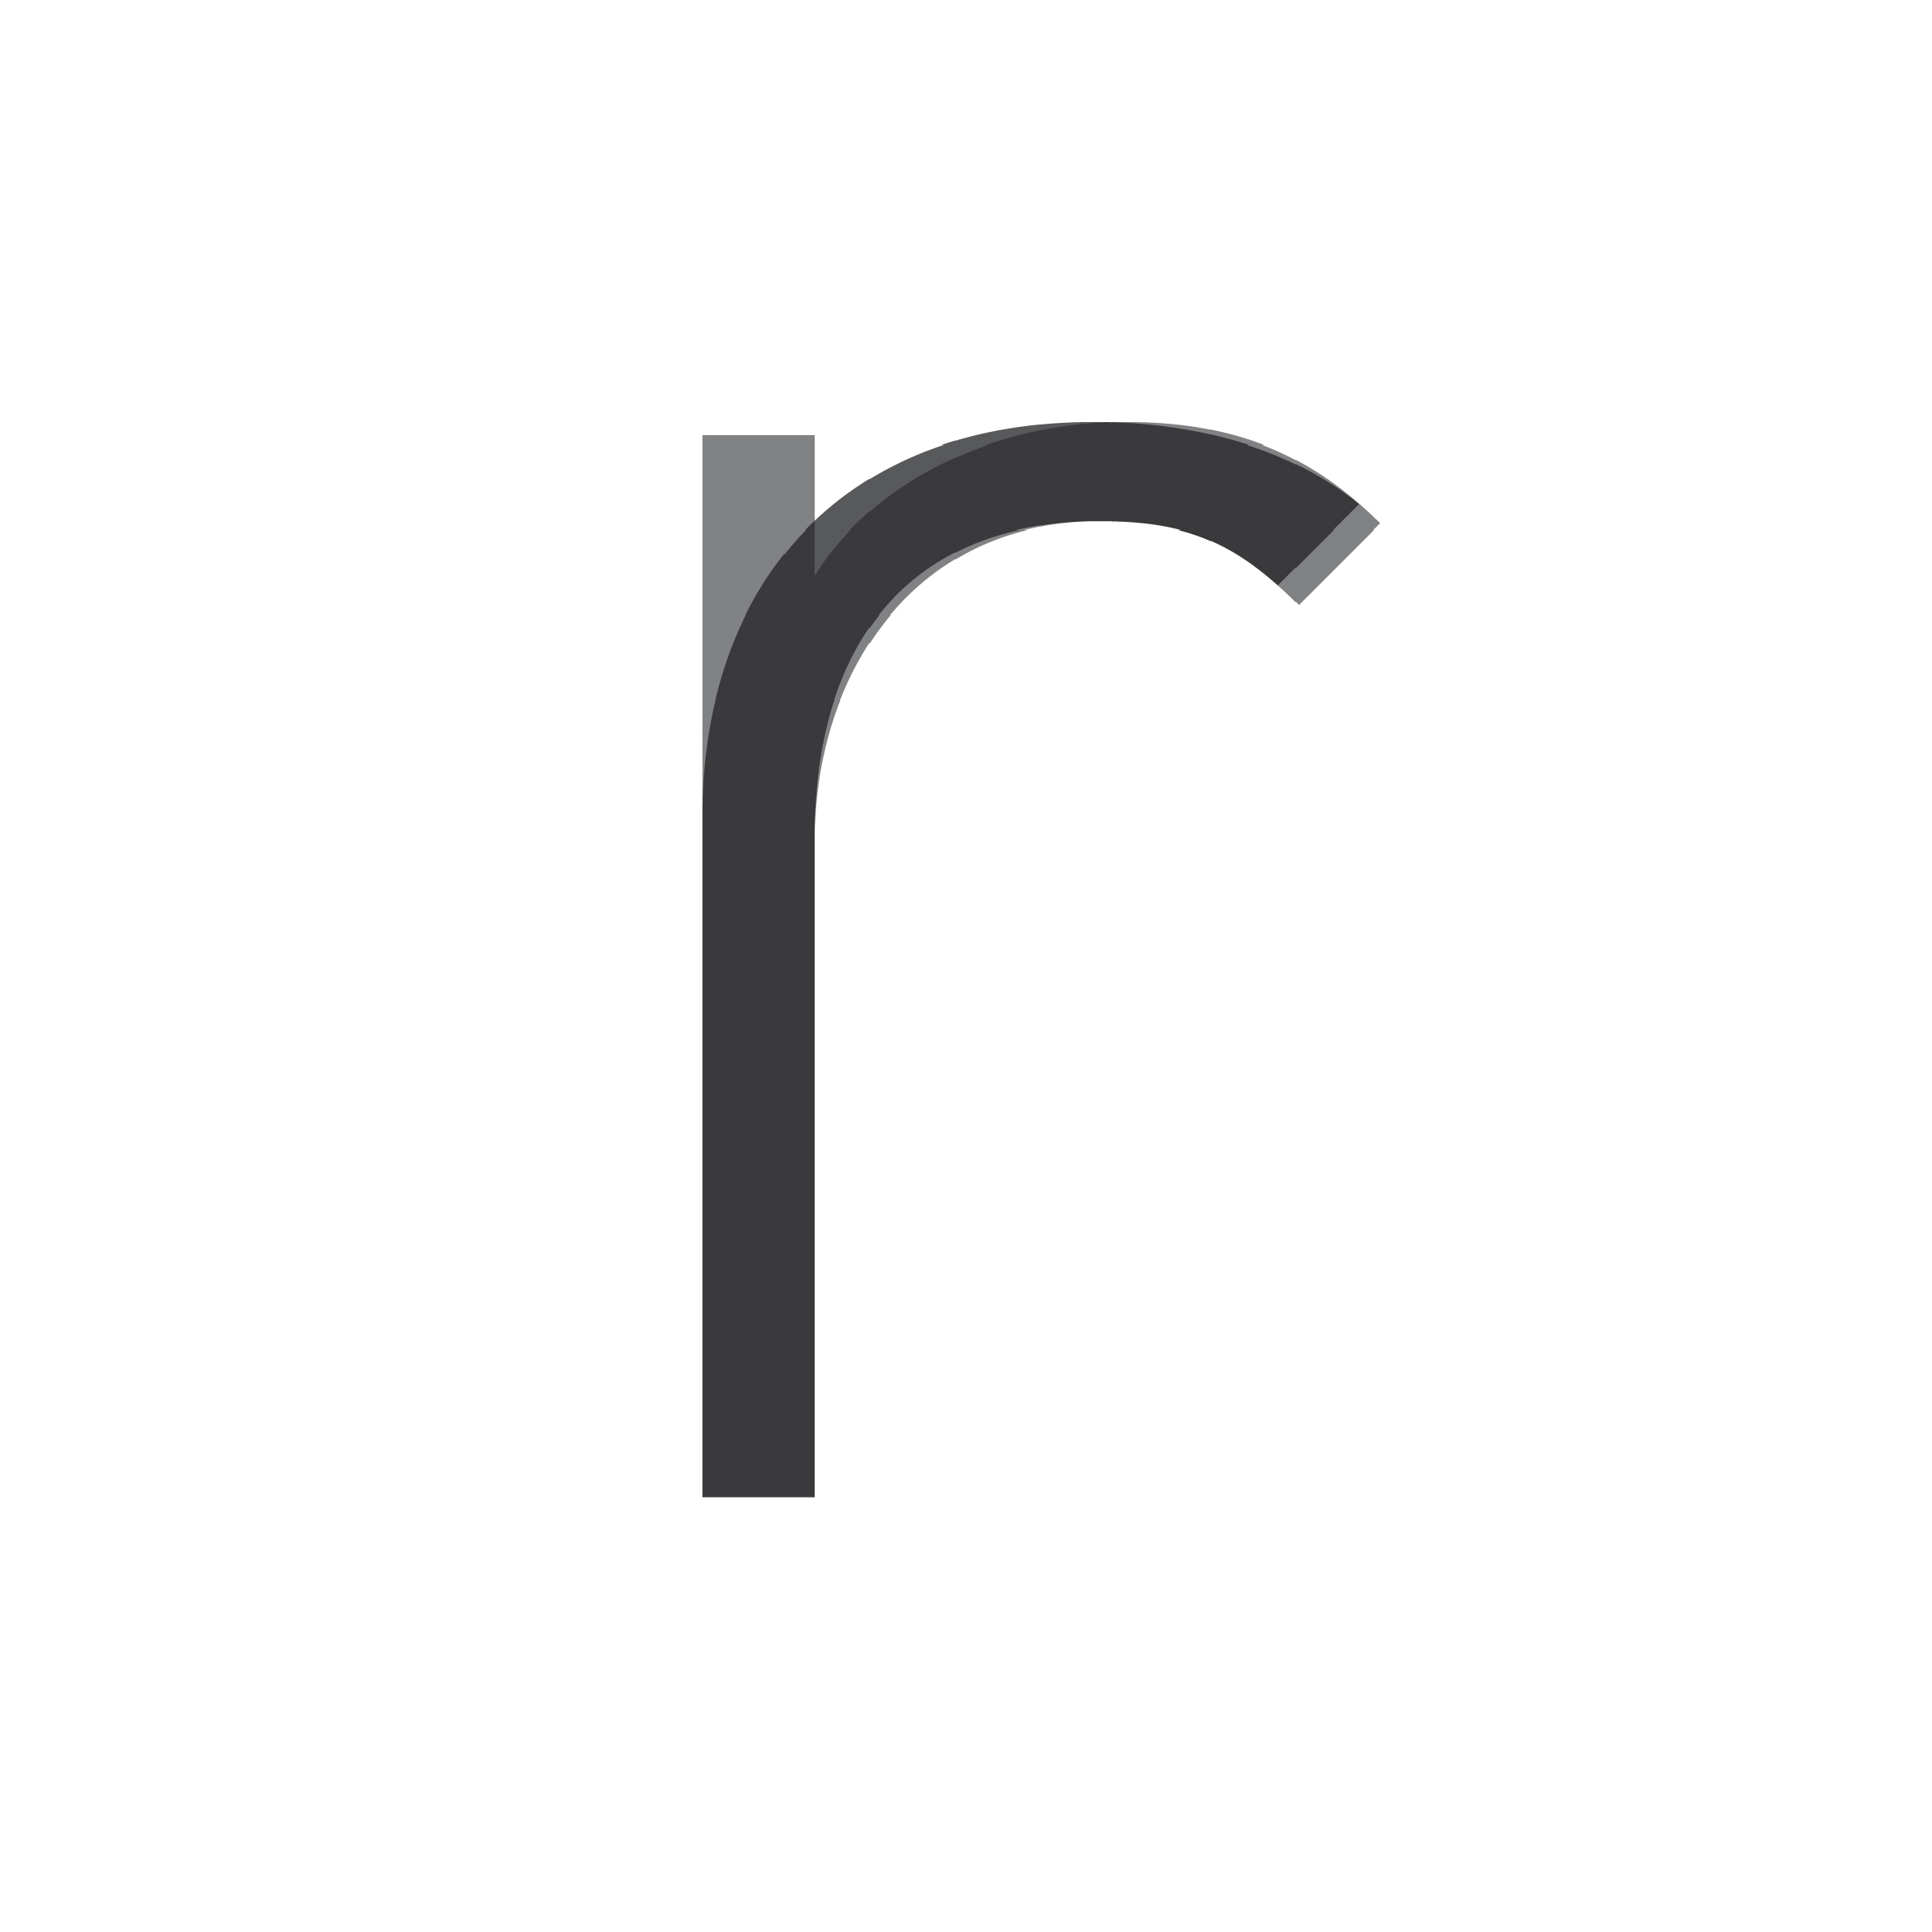 cerrutbaleri_lettere logo3.jpg